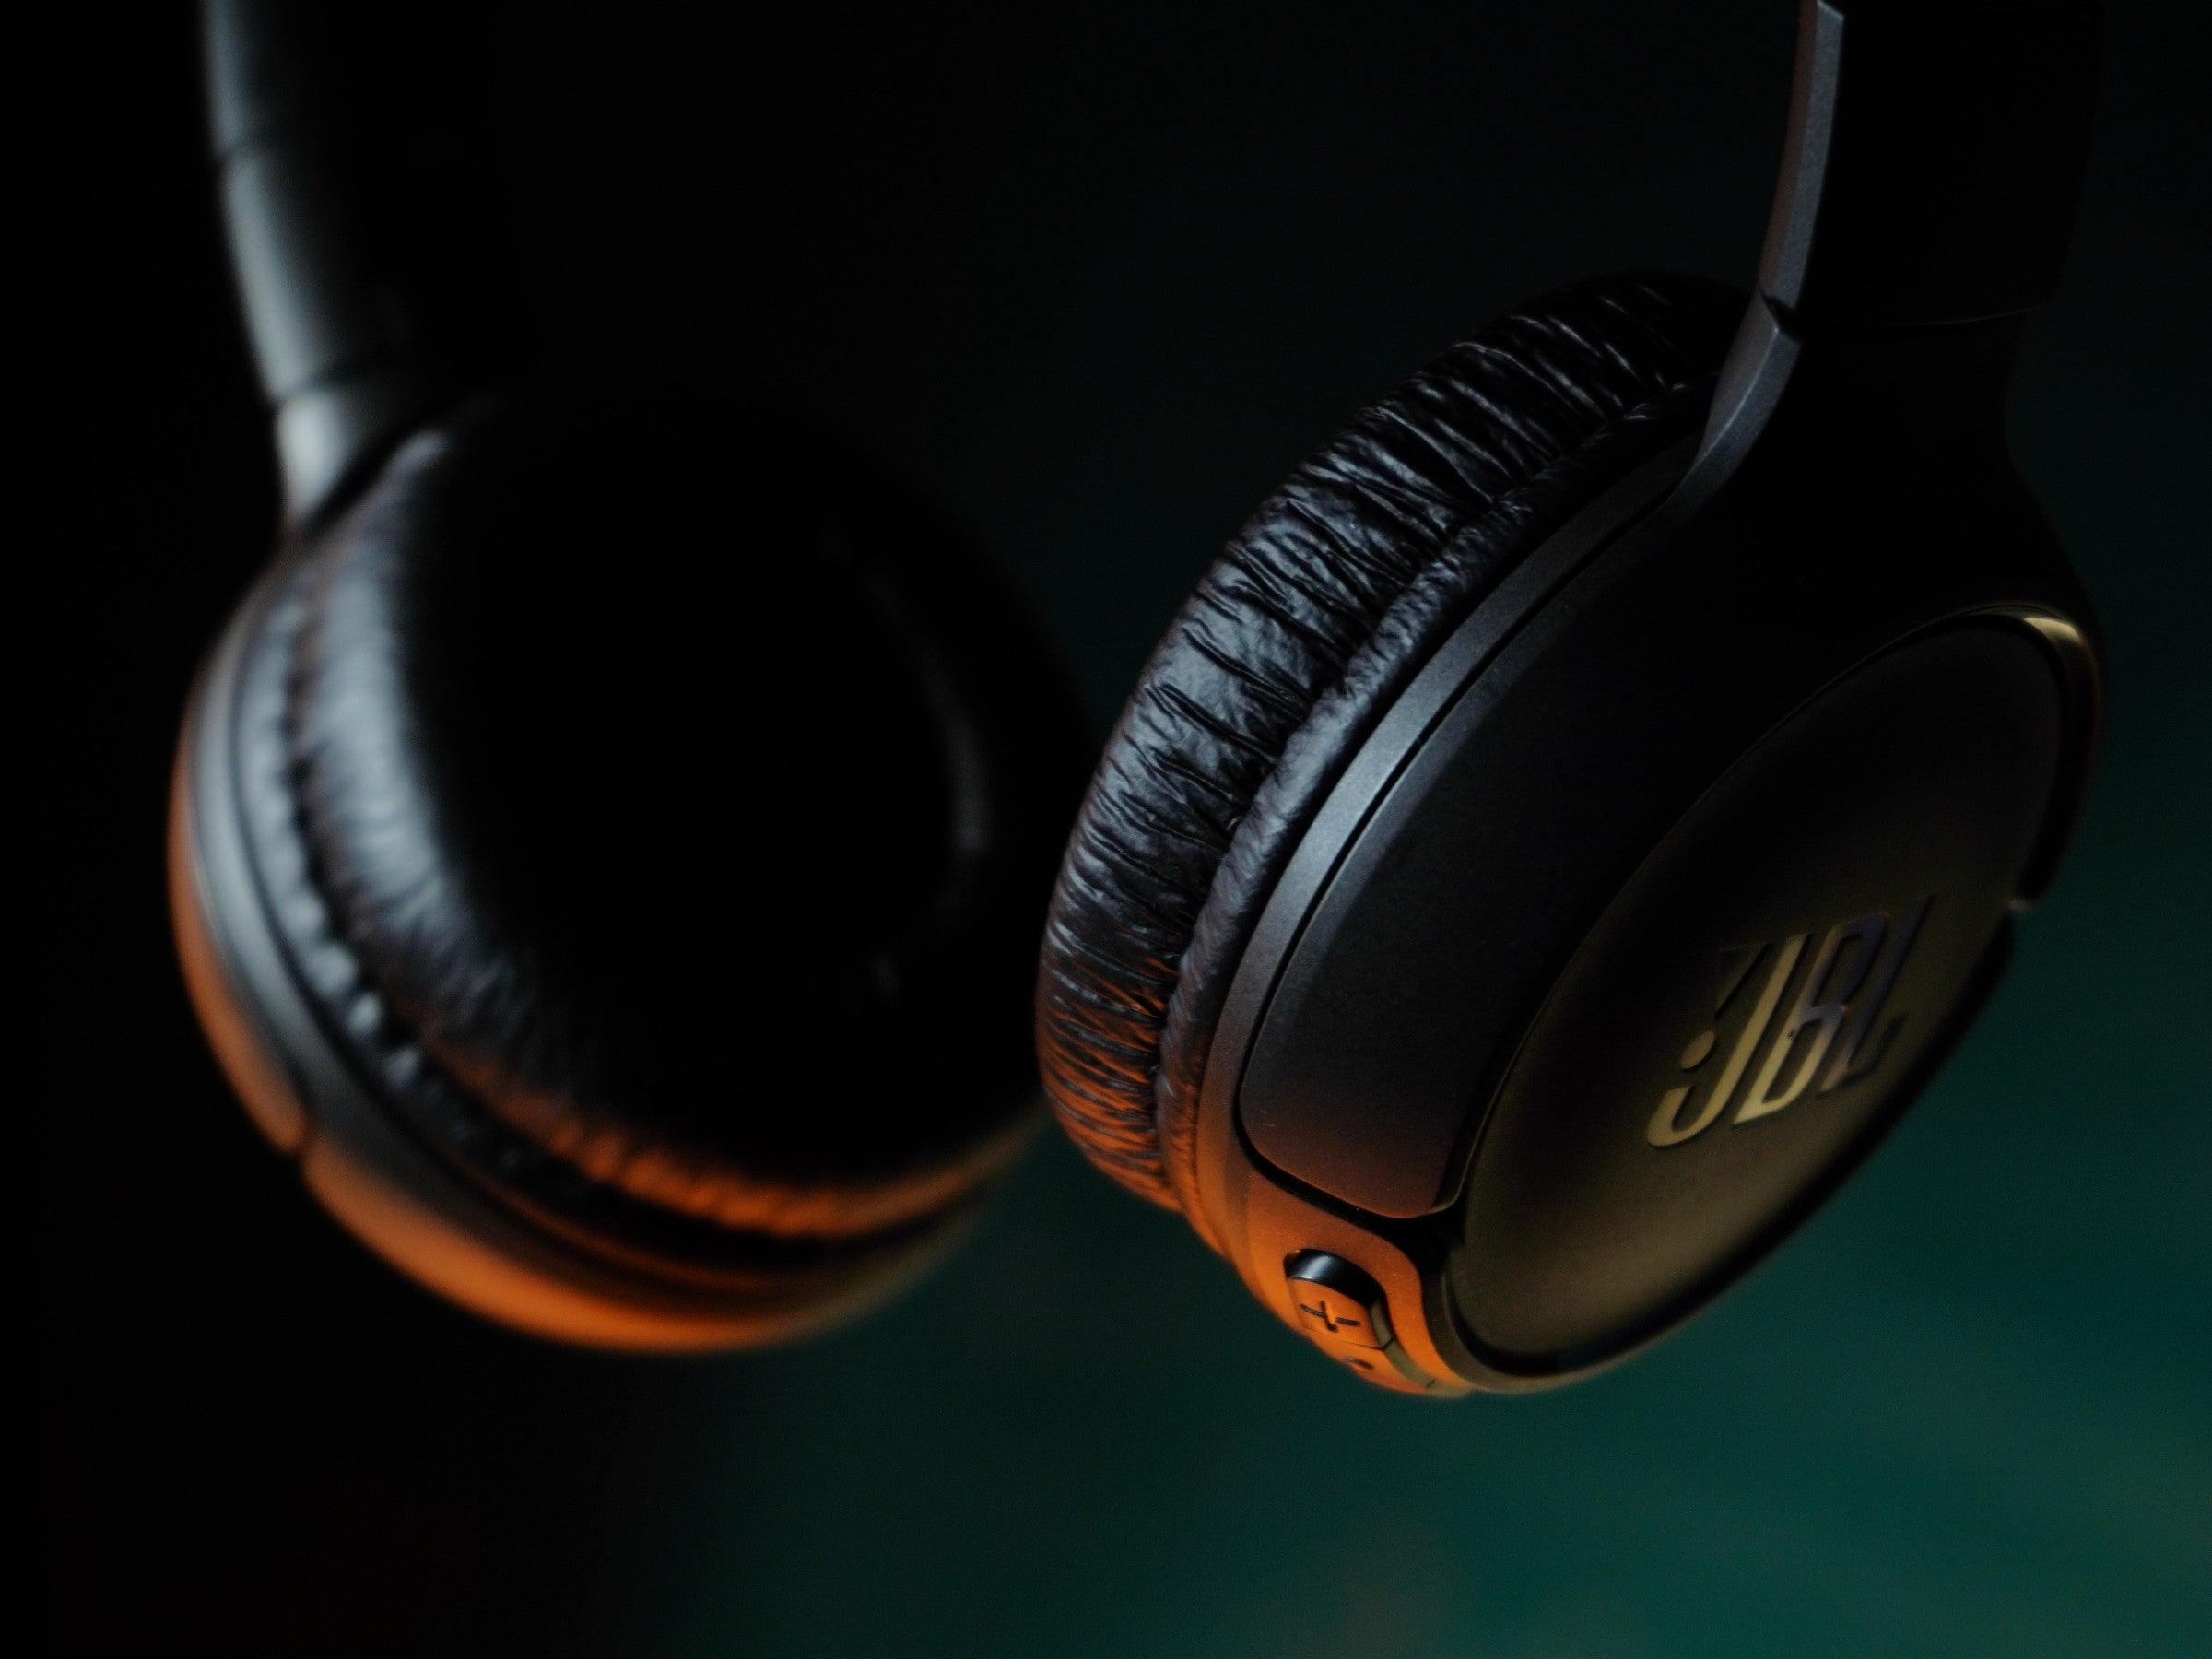 Stiftung Warentest überrascht: Diese Kopfhörer für 70 Euro sind genauso gut wie das Sony-Spitzenmodell für 350 Euro - inside digital